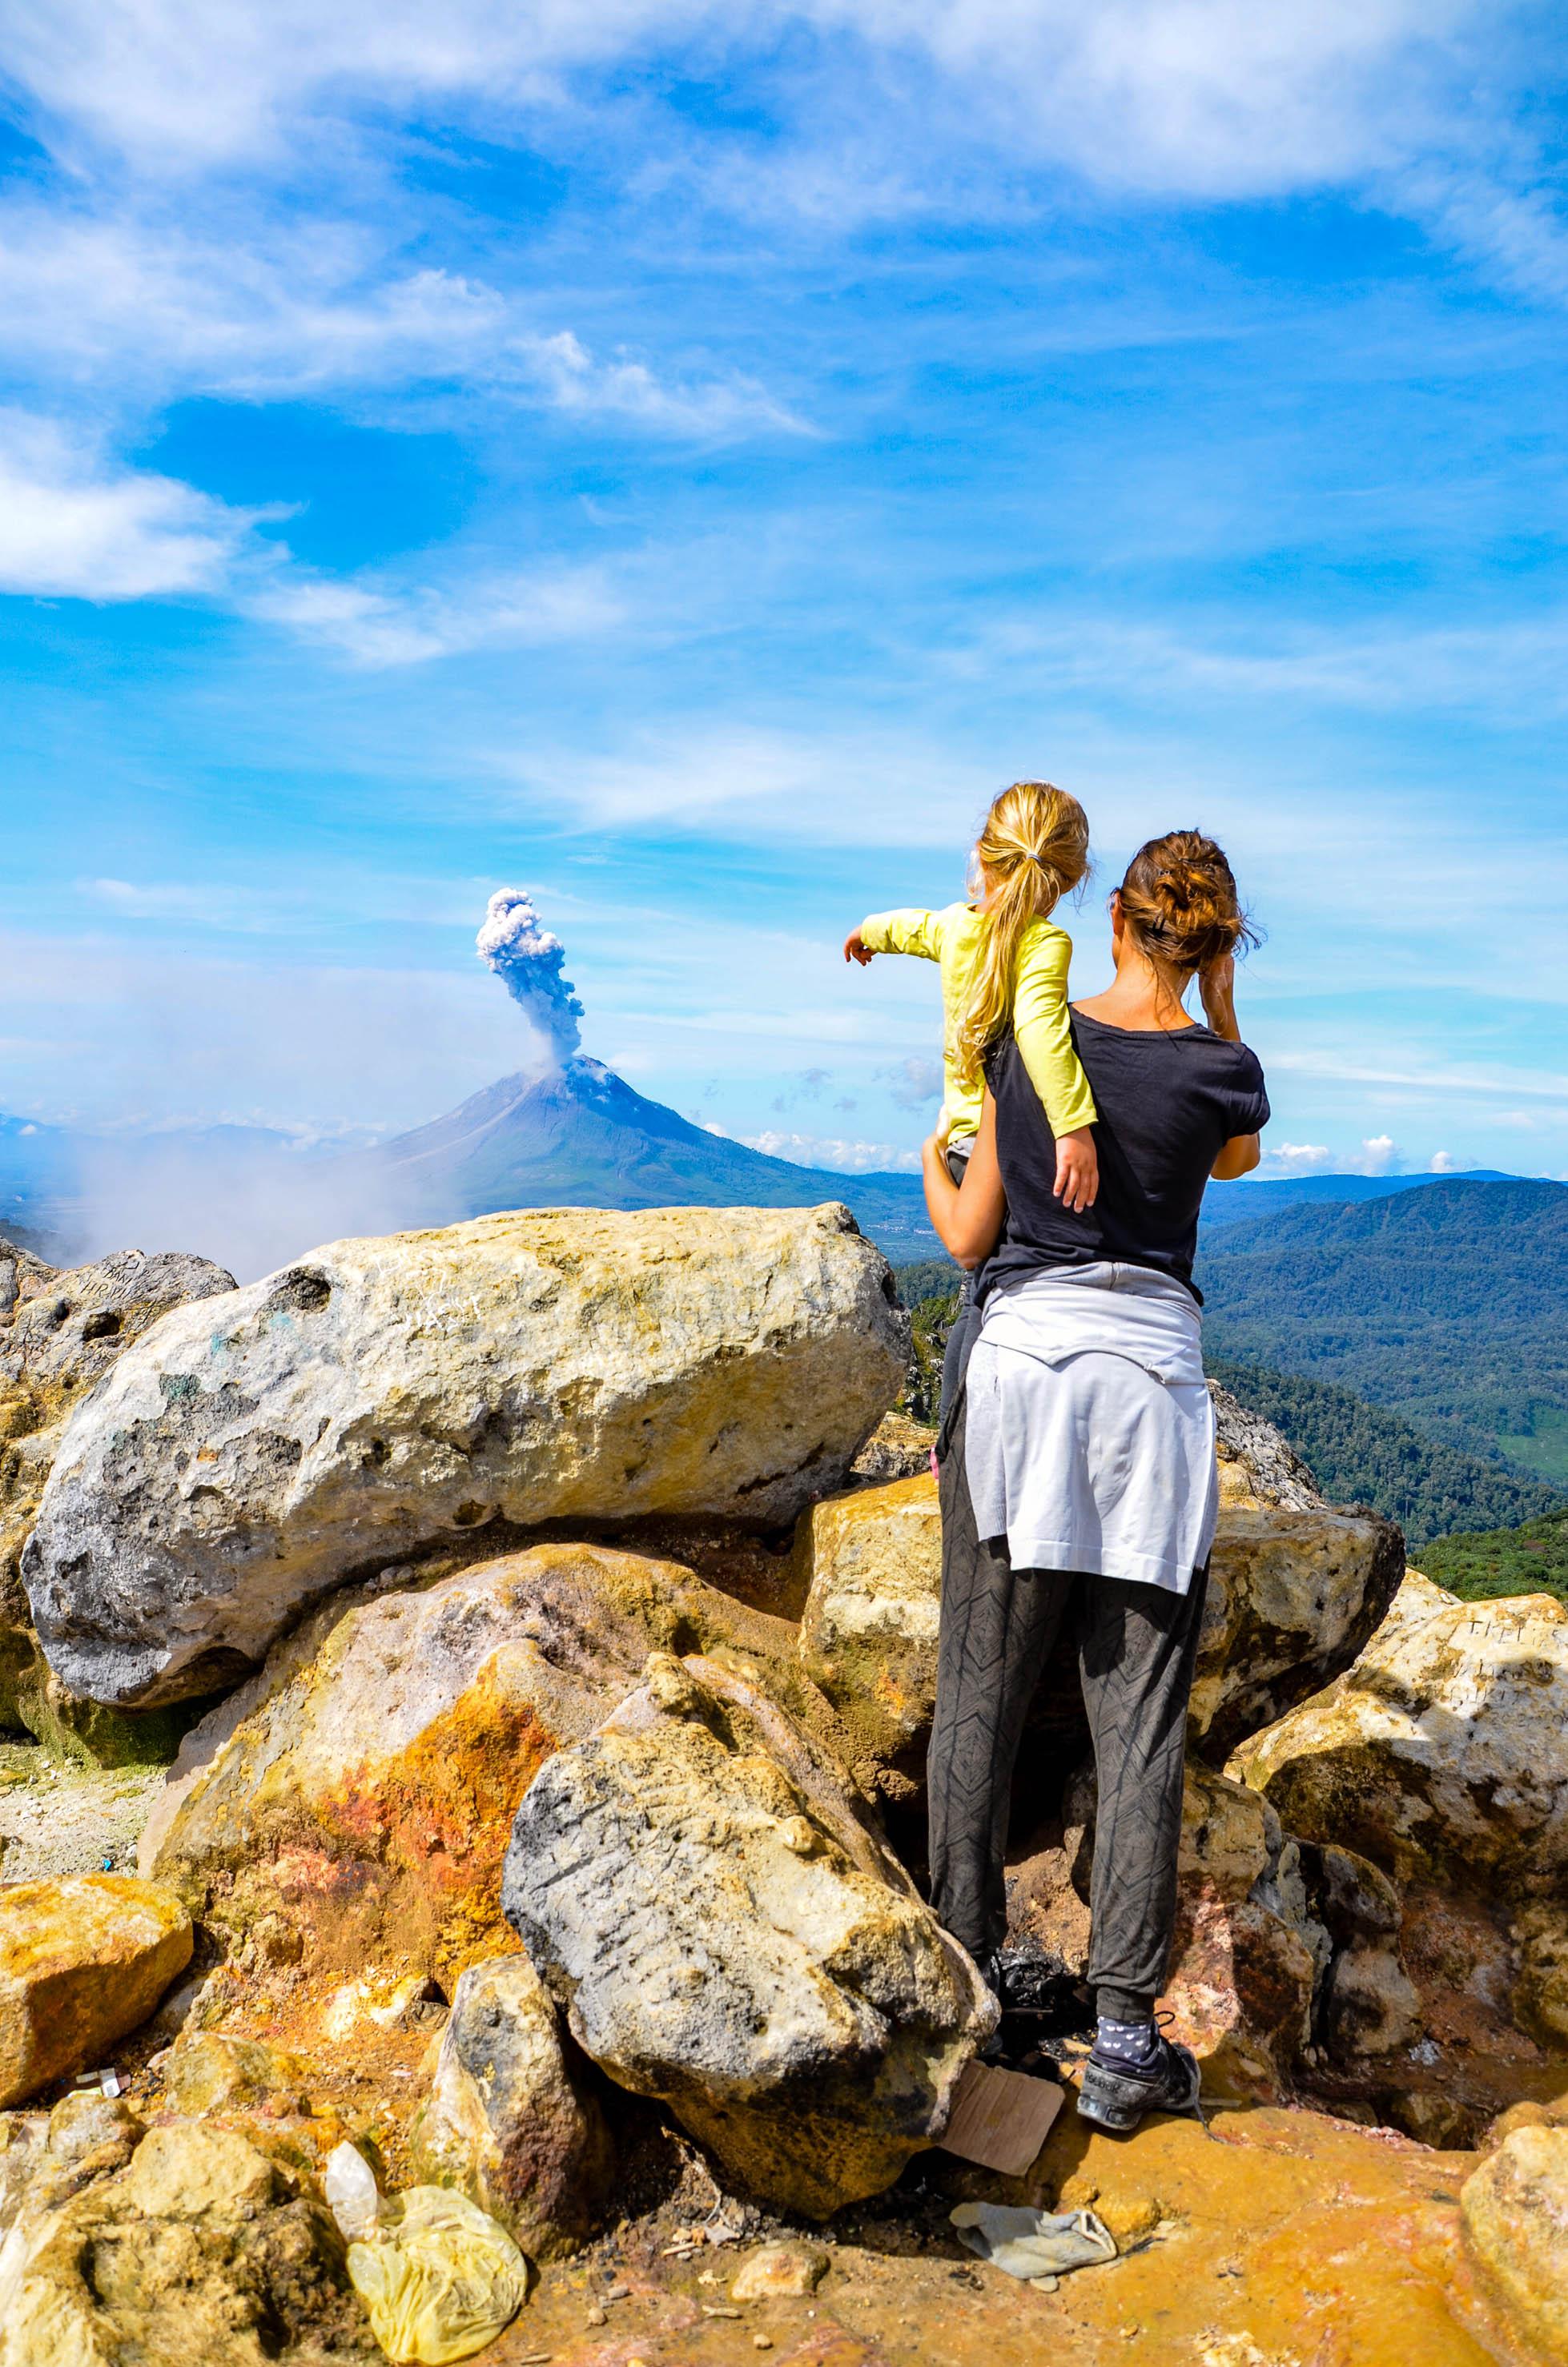 Sinabung wyrzuca popiół. Sibayak, Indonezja.